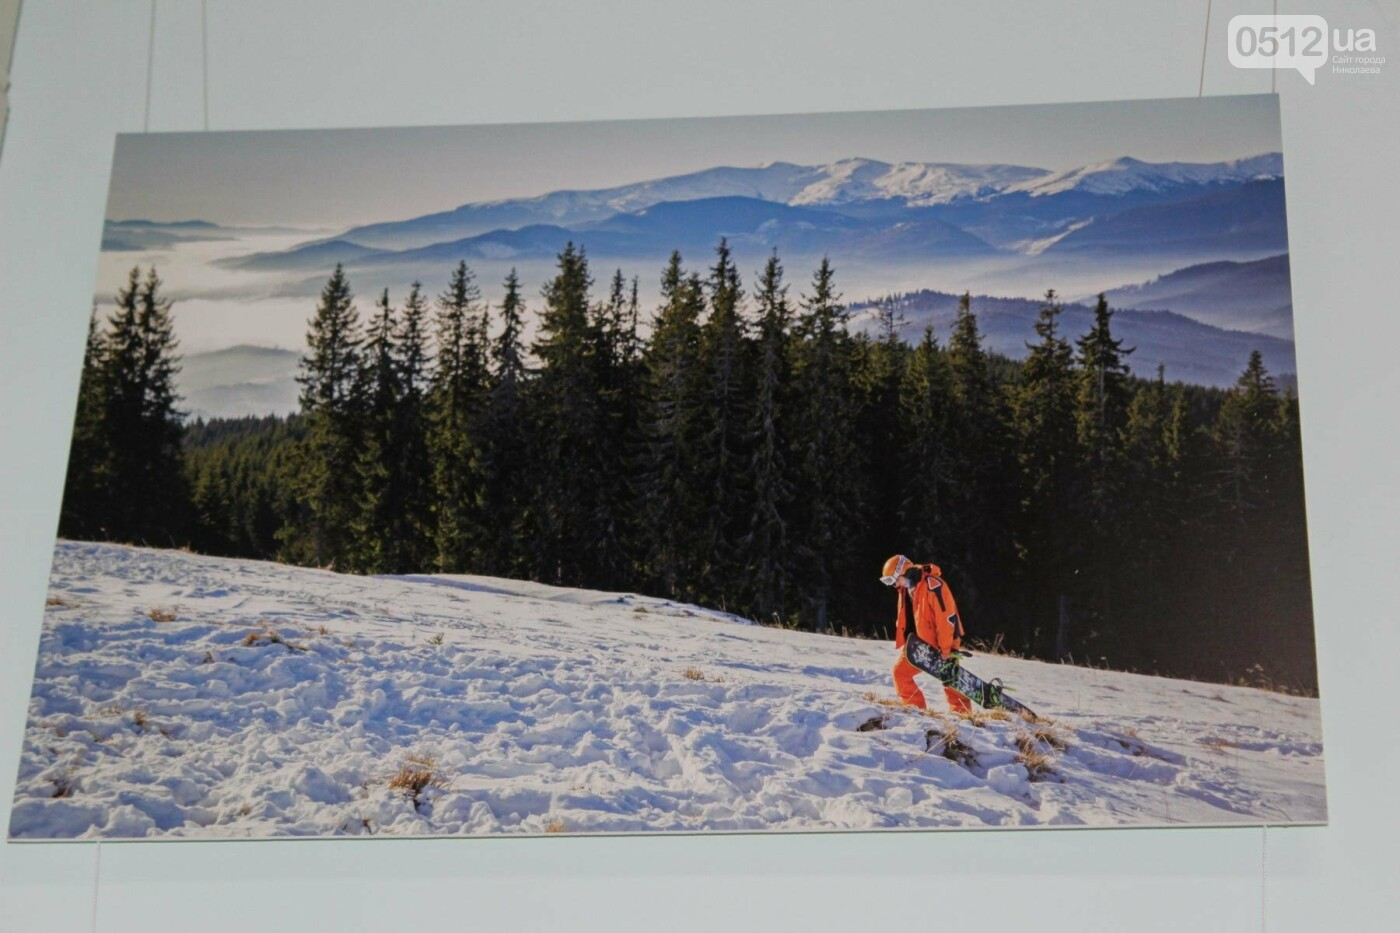 Николаевский фотограф Слава Поседай представила новую выставку «12+1» (ФОТО), фото-12